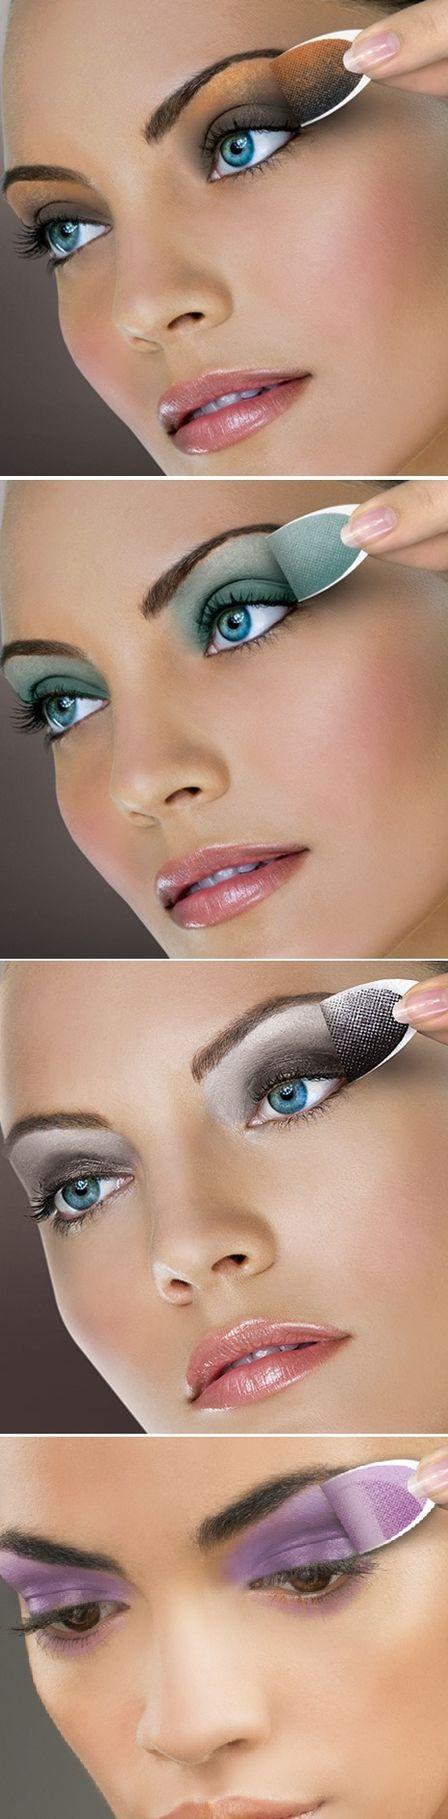 Maquiagem instantânea: sombra em forma de adesivo promete cor e esfumado perfeitos para os olhos